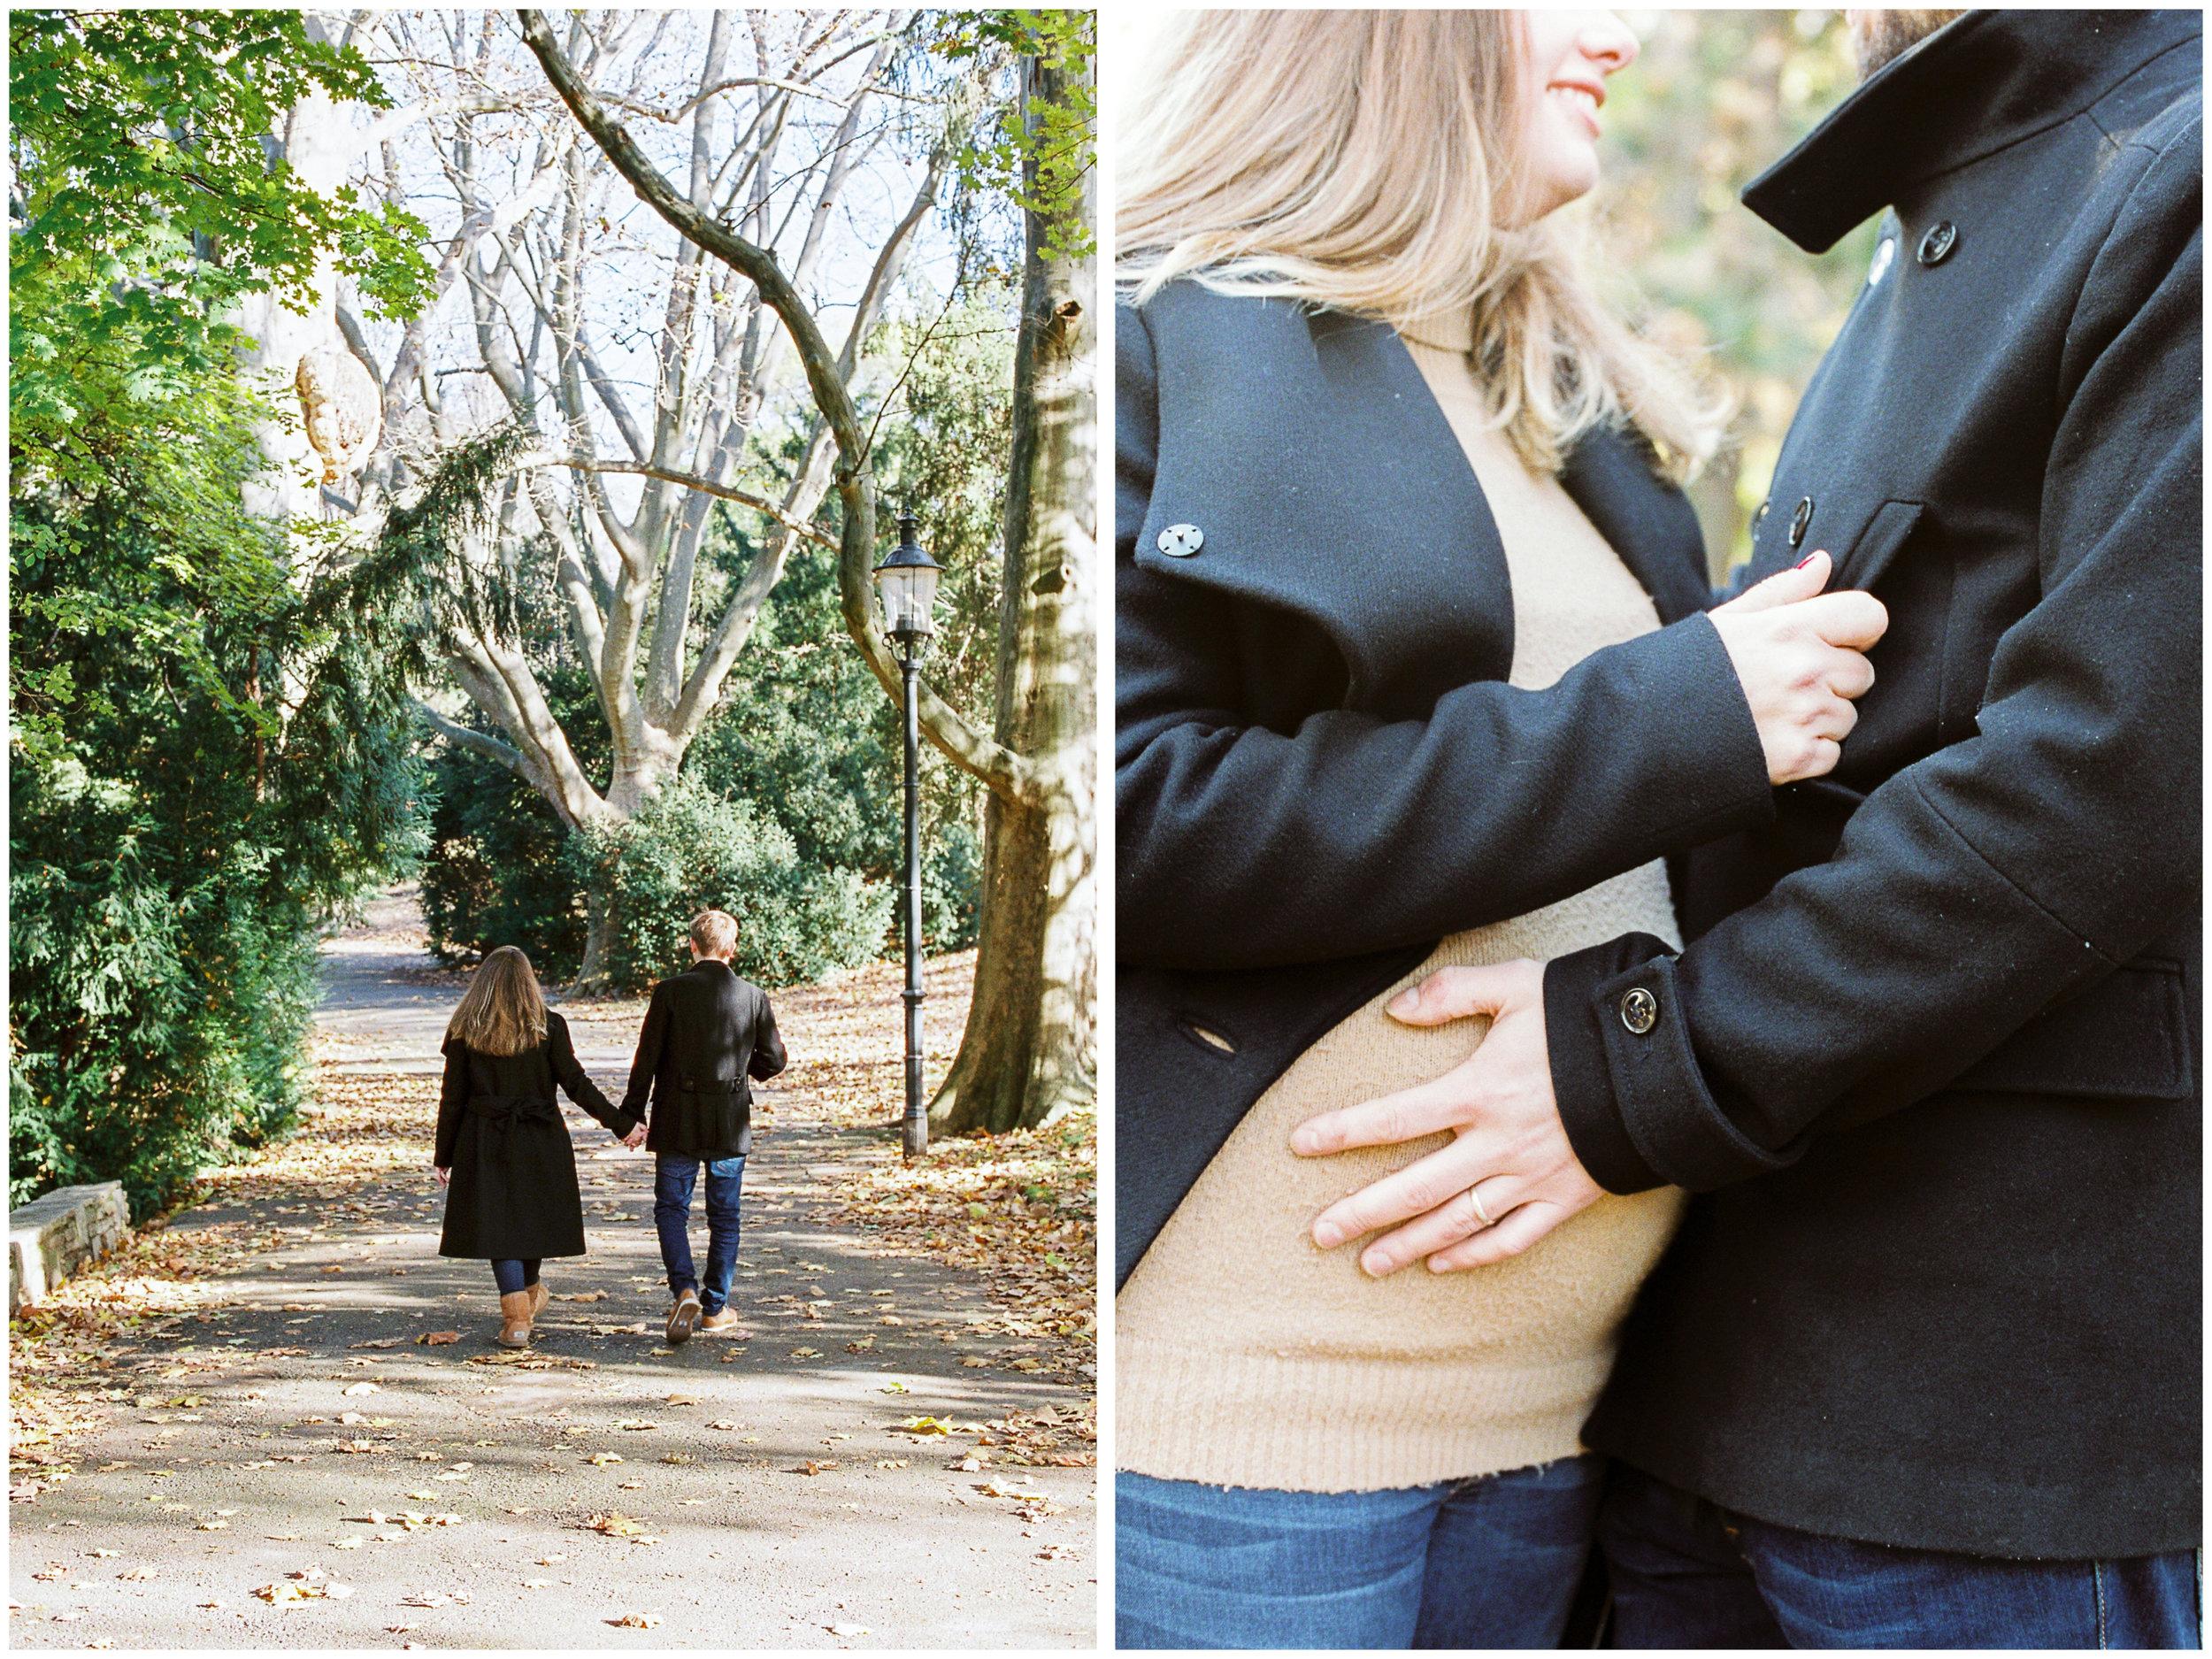 Maternity Portraits | Türkenschanzpark, Vienna, Austria | Michelle Mock Photography | Vienna Portrait Photographer | Vienna Film Photographer | Contax 645 | Fuji400H